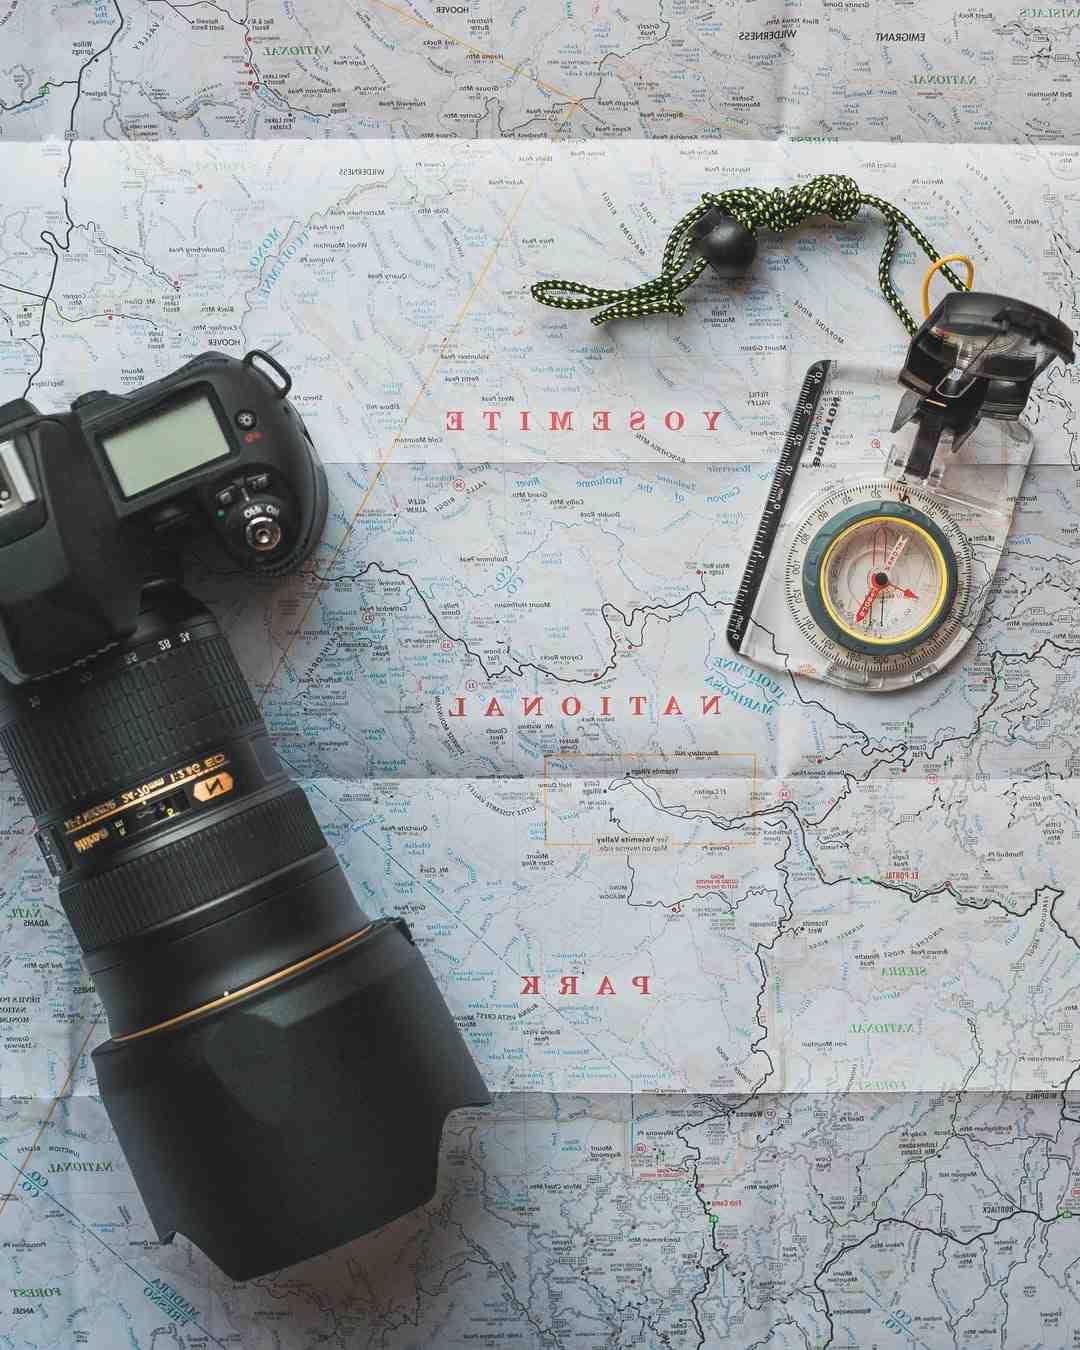 Le prix du Nikon D850 va-t-il baisser?